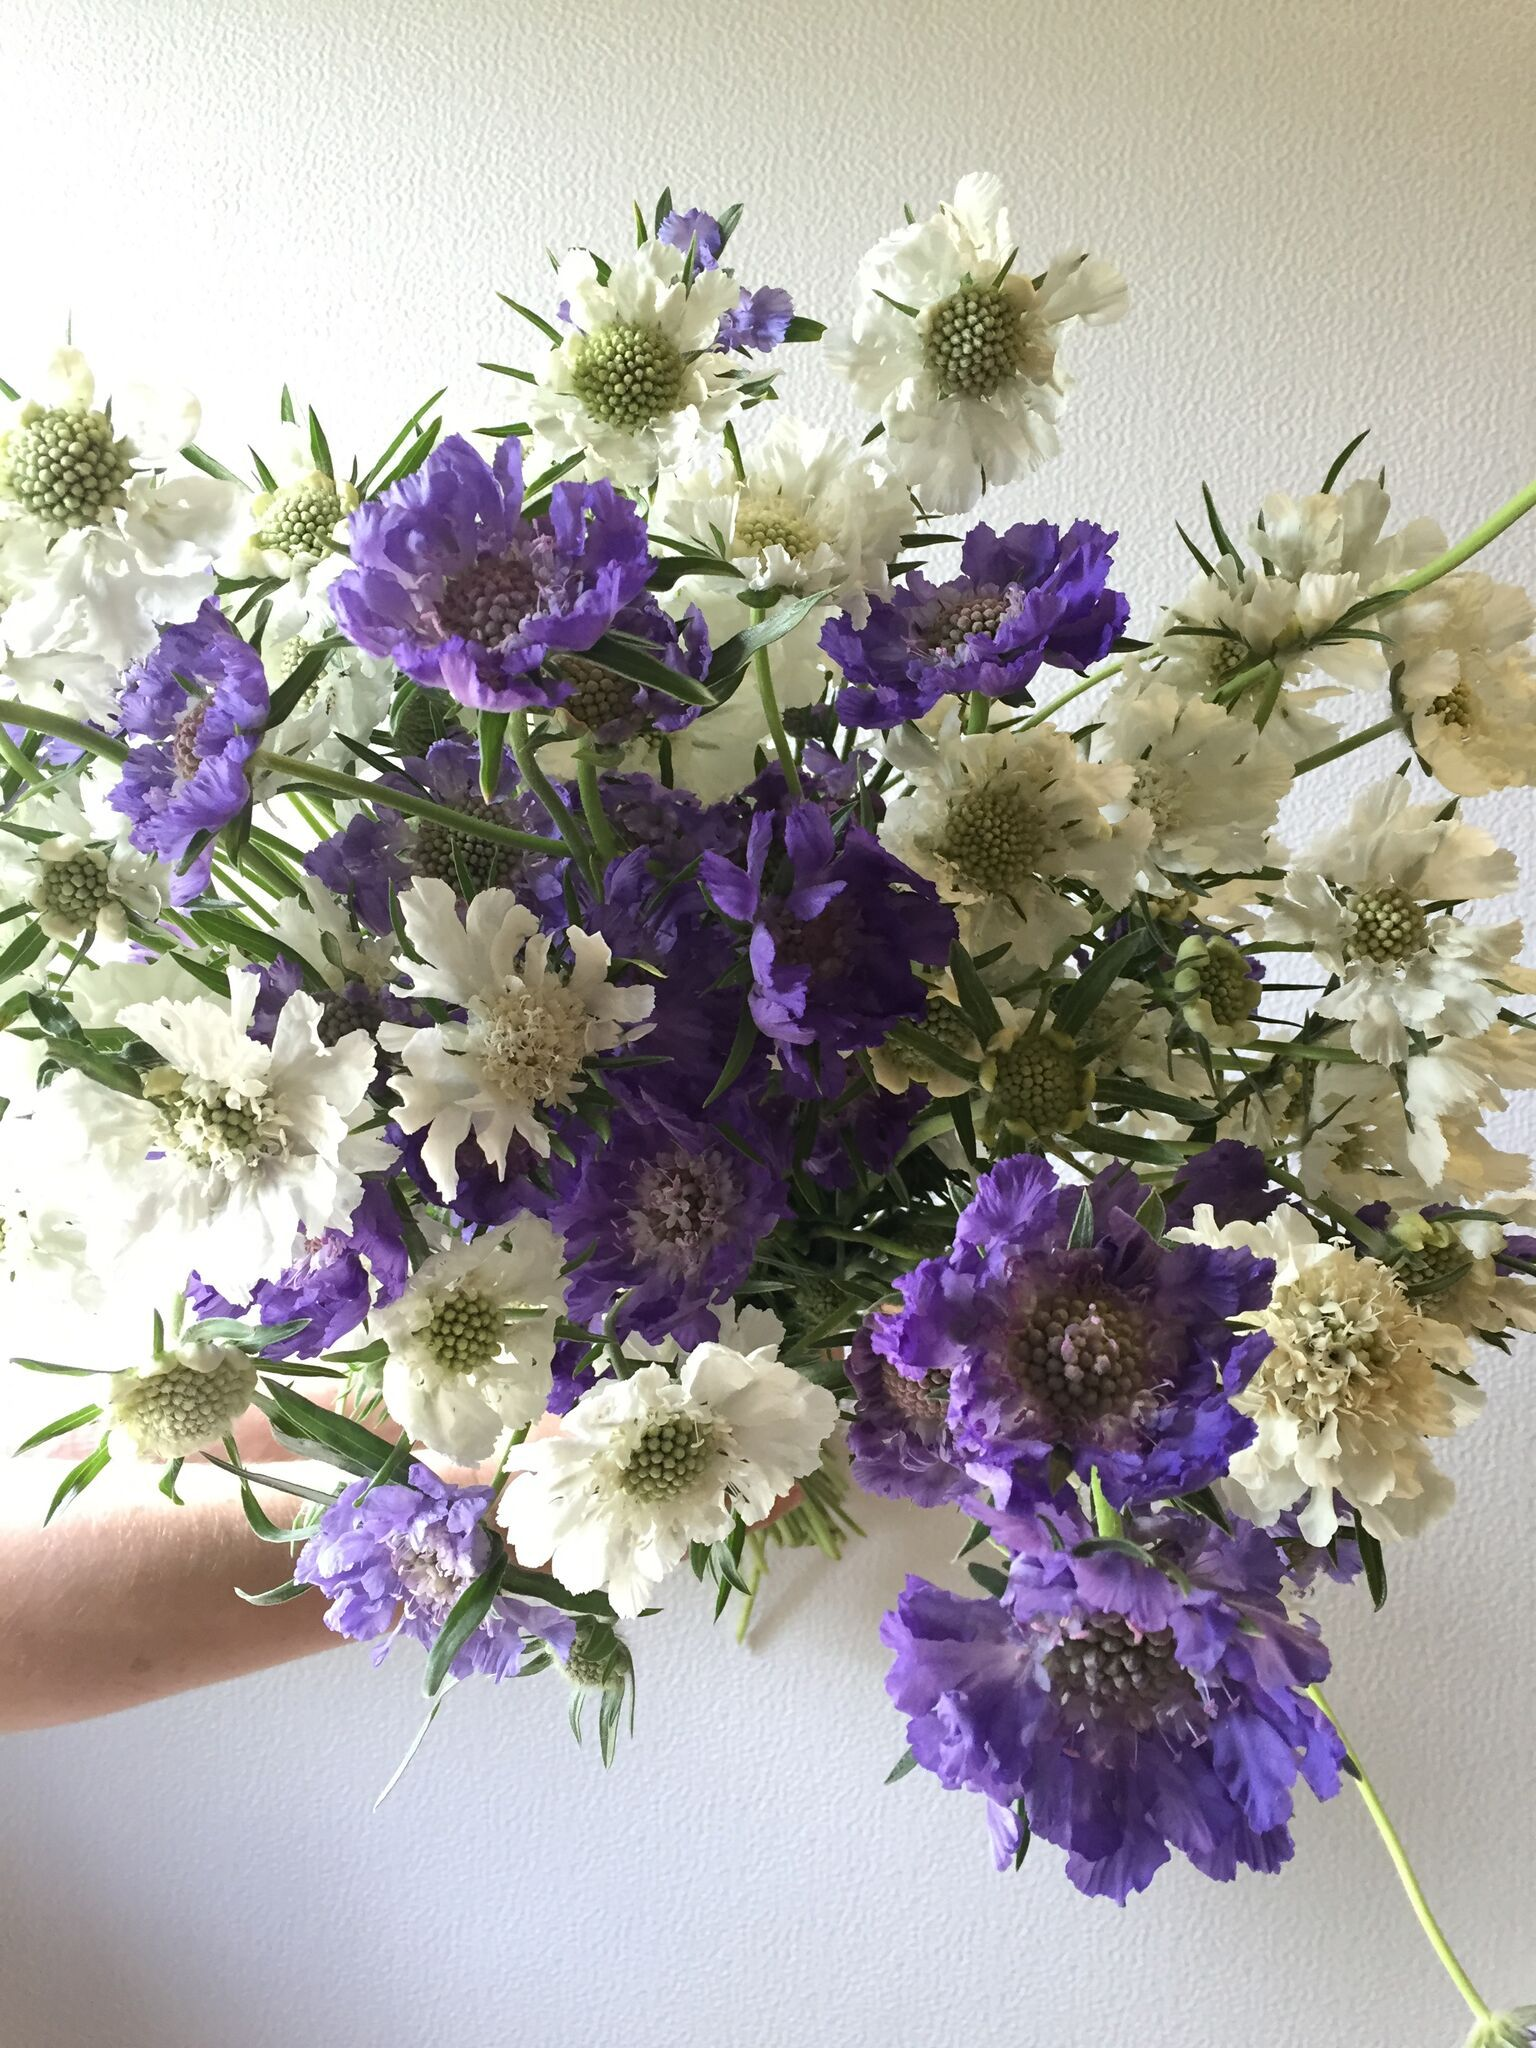 Scabiosa July flowers, September flowers, June flower